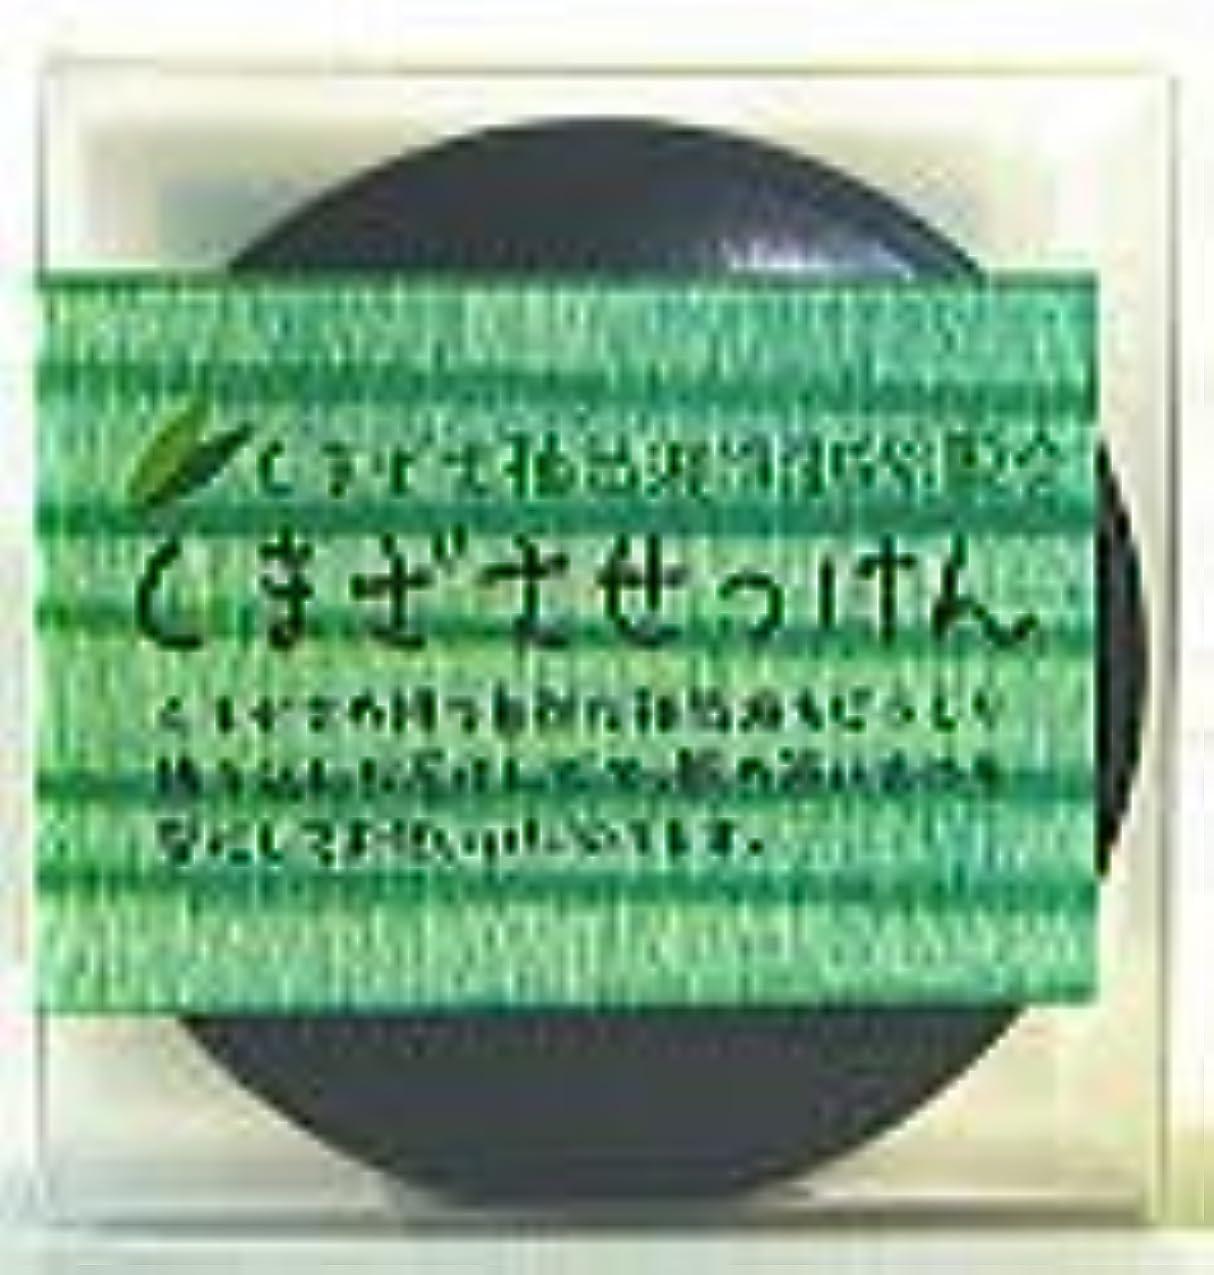 残りシュリンクリズムサンクロン クマザサ石鹸 100g×3